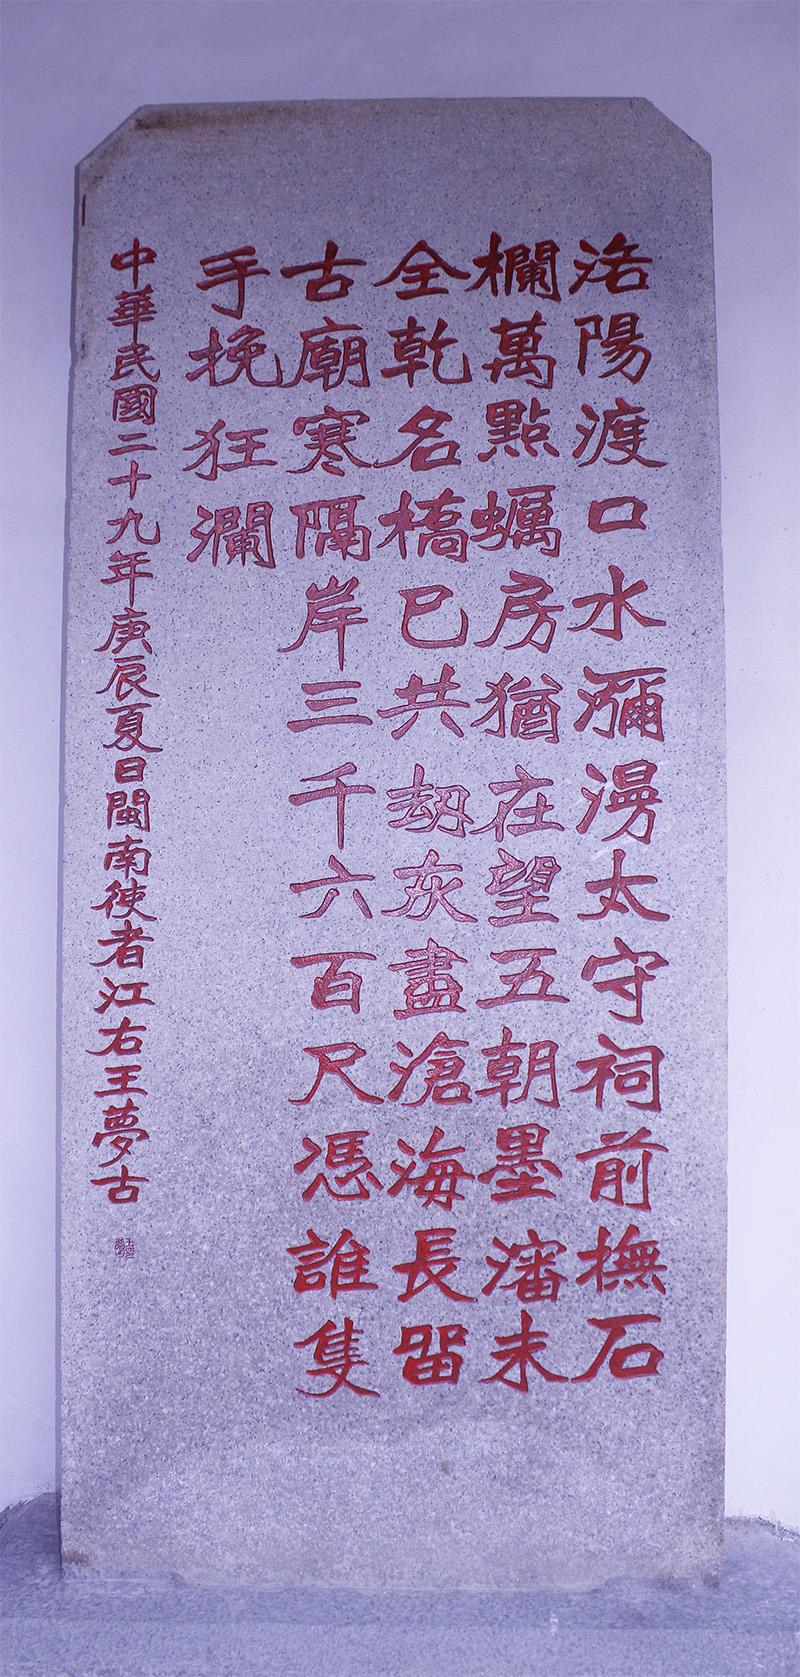 民国 王梦古题洛阳桥诗碑刻 缩图